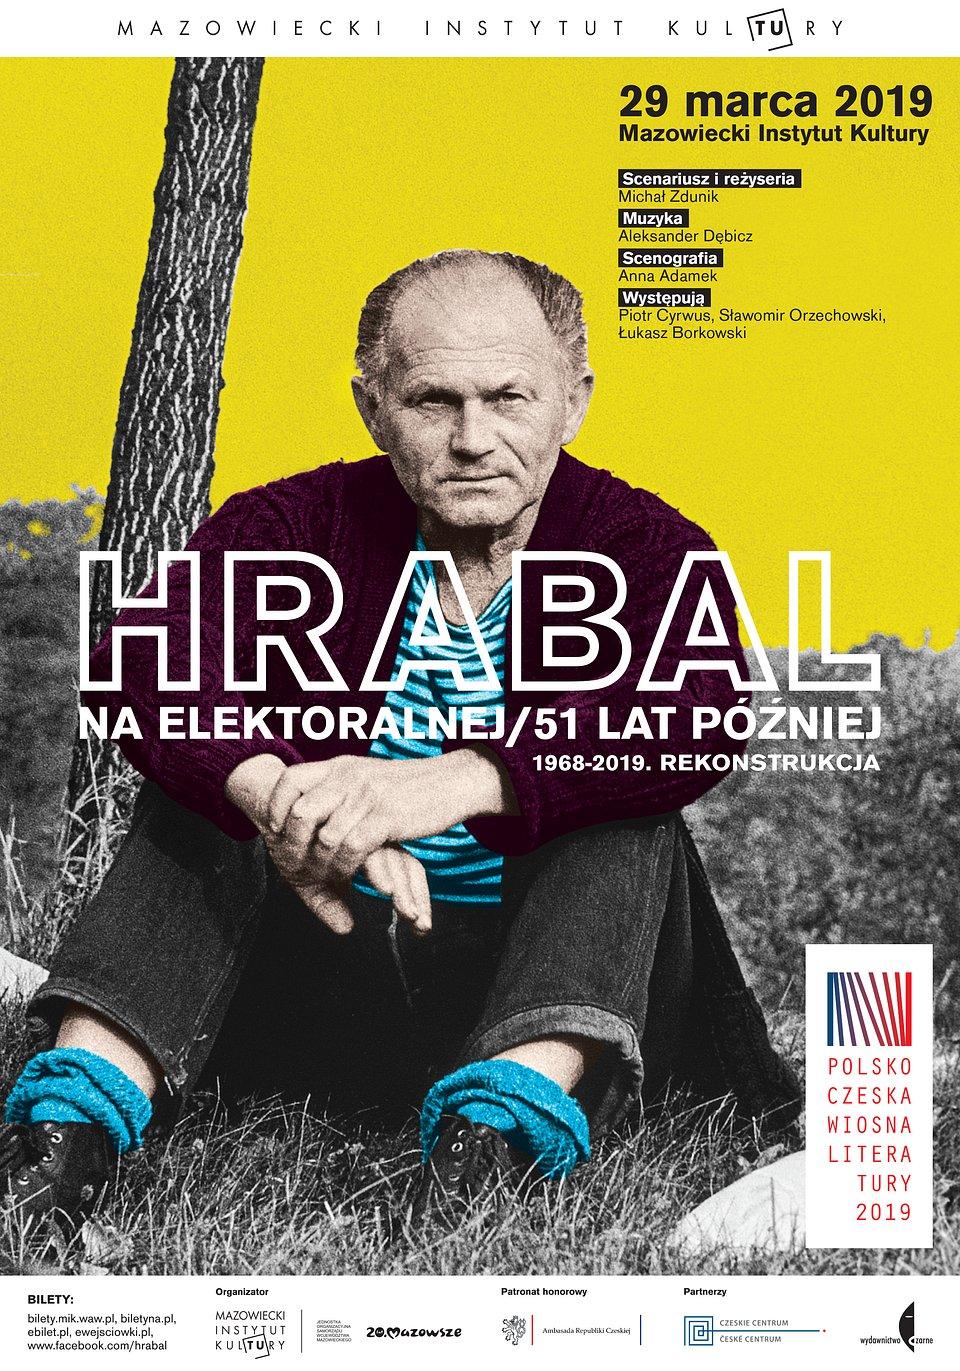 HRABAL_2019_plakat.jpg